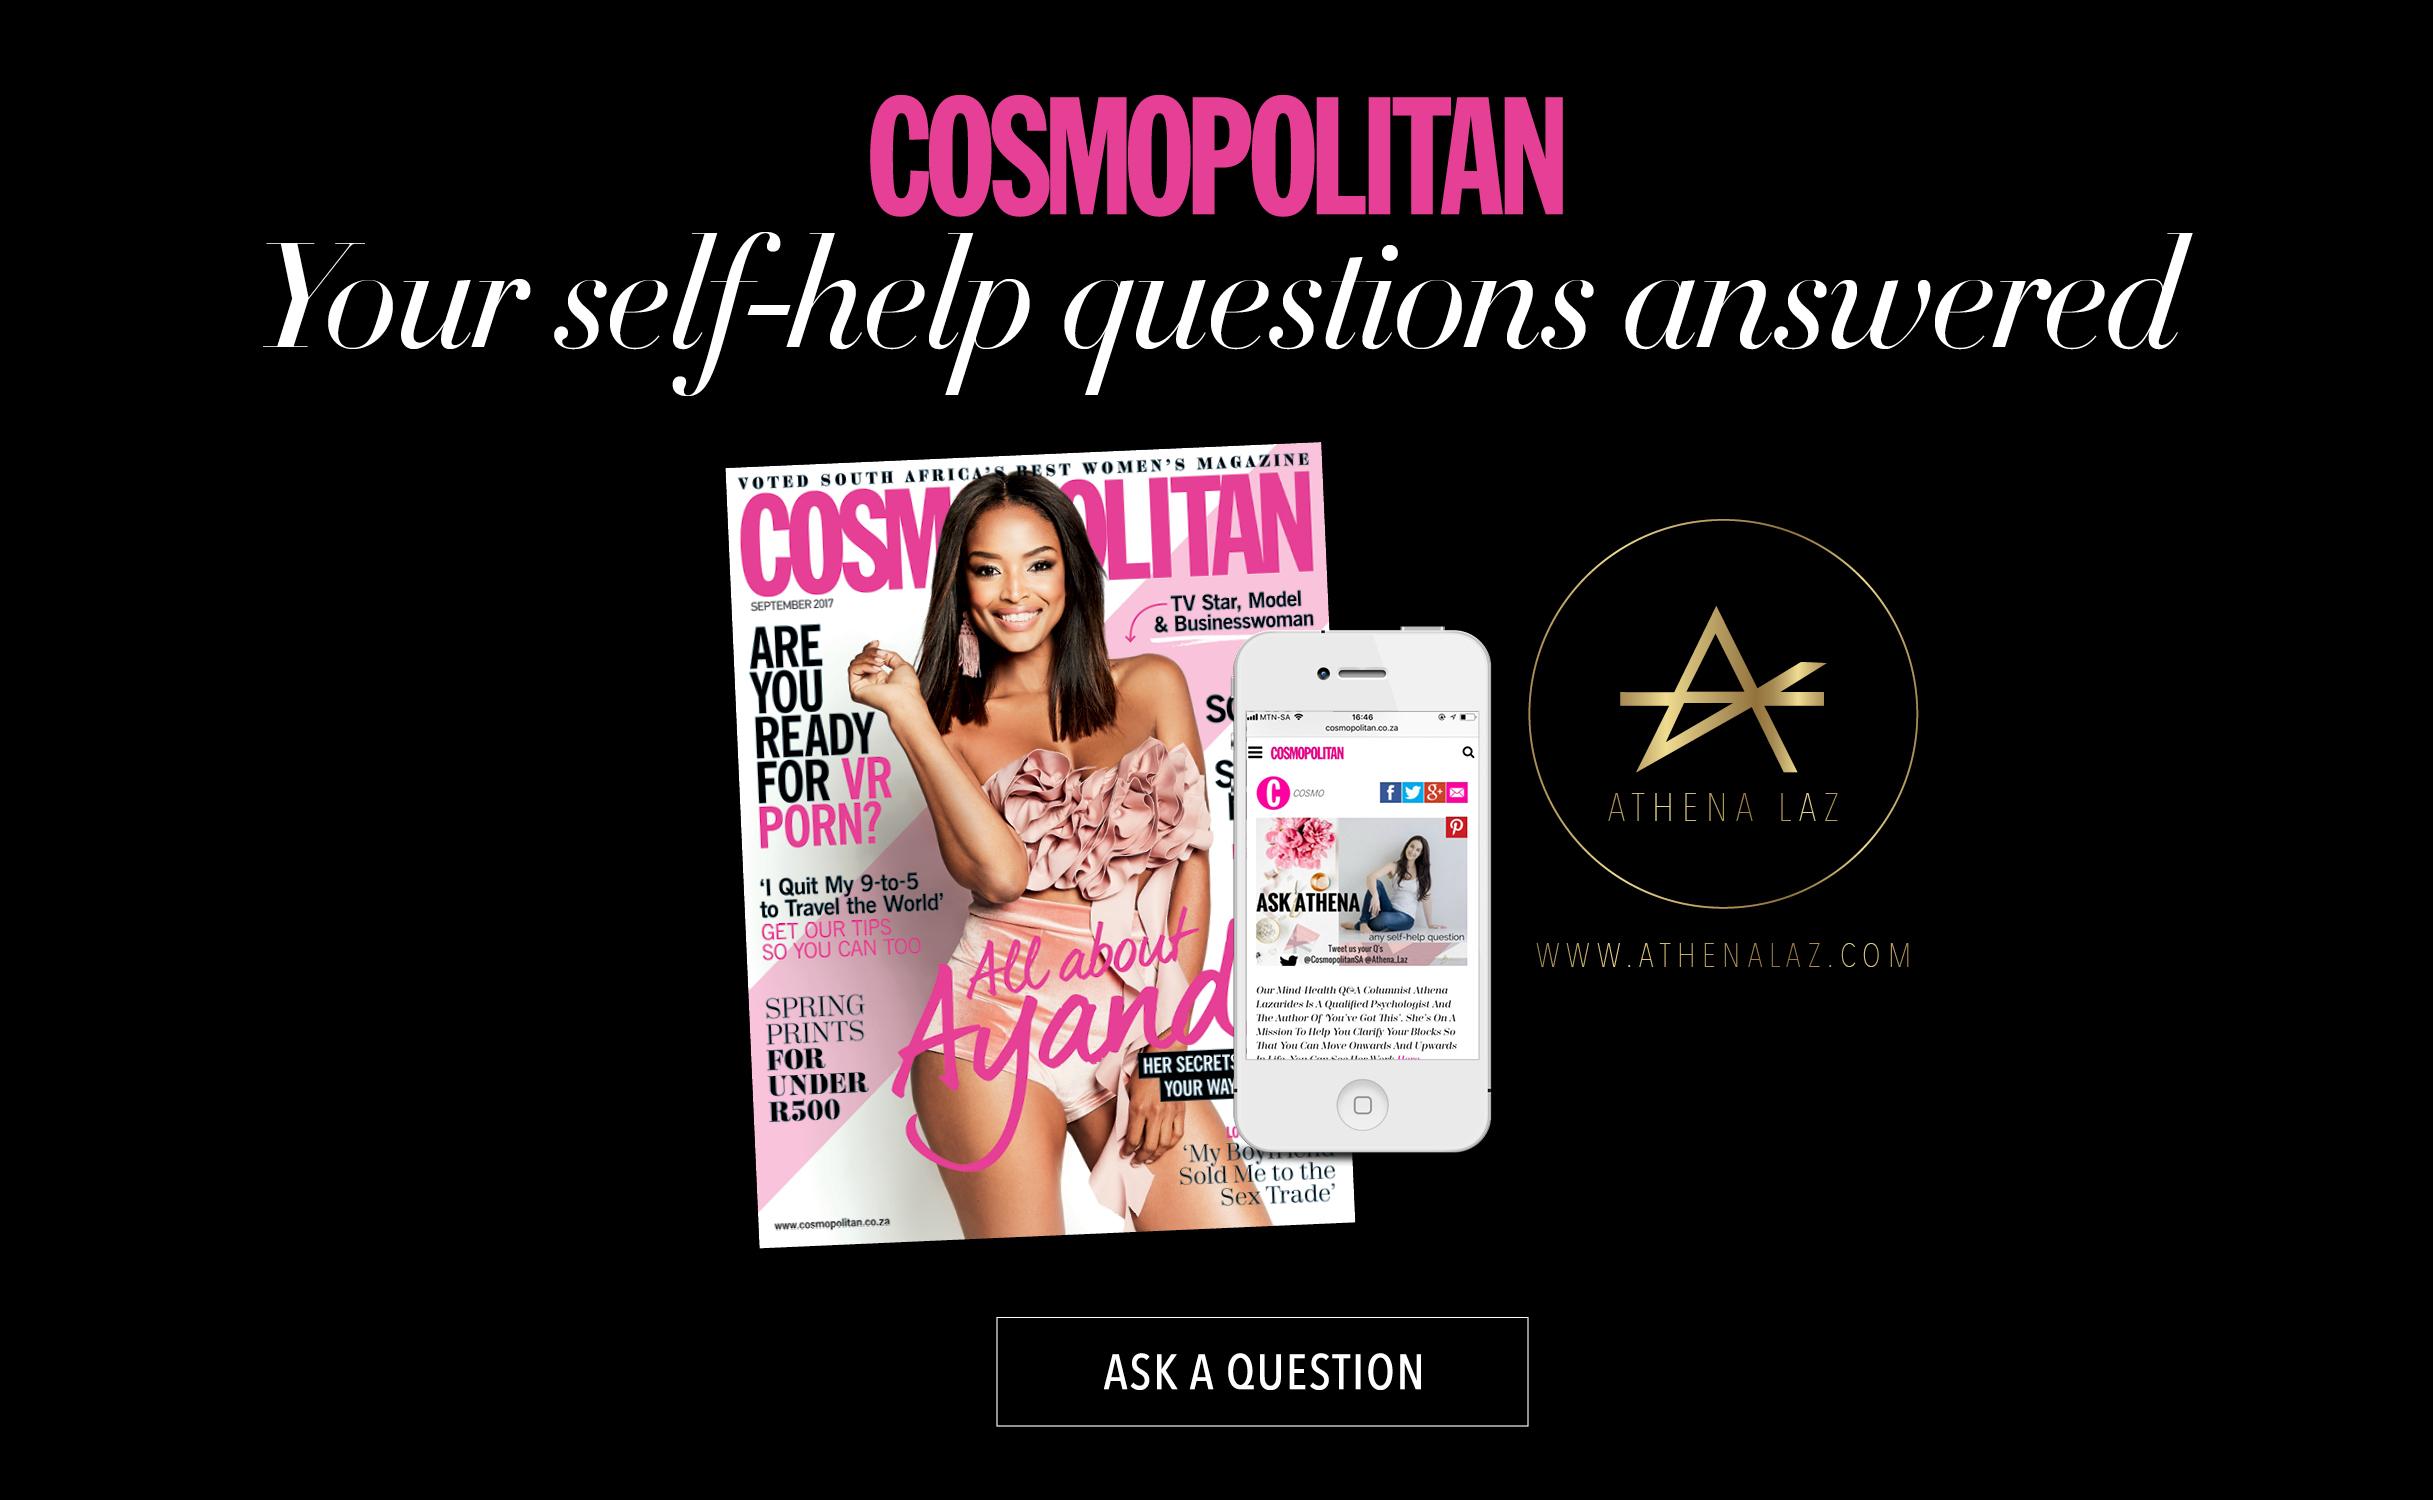 Athena Laz writes a weekly column for Cosmopolitan Magazine